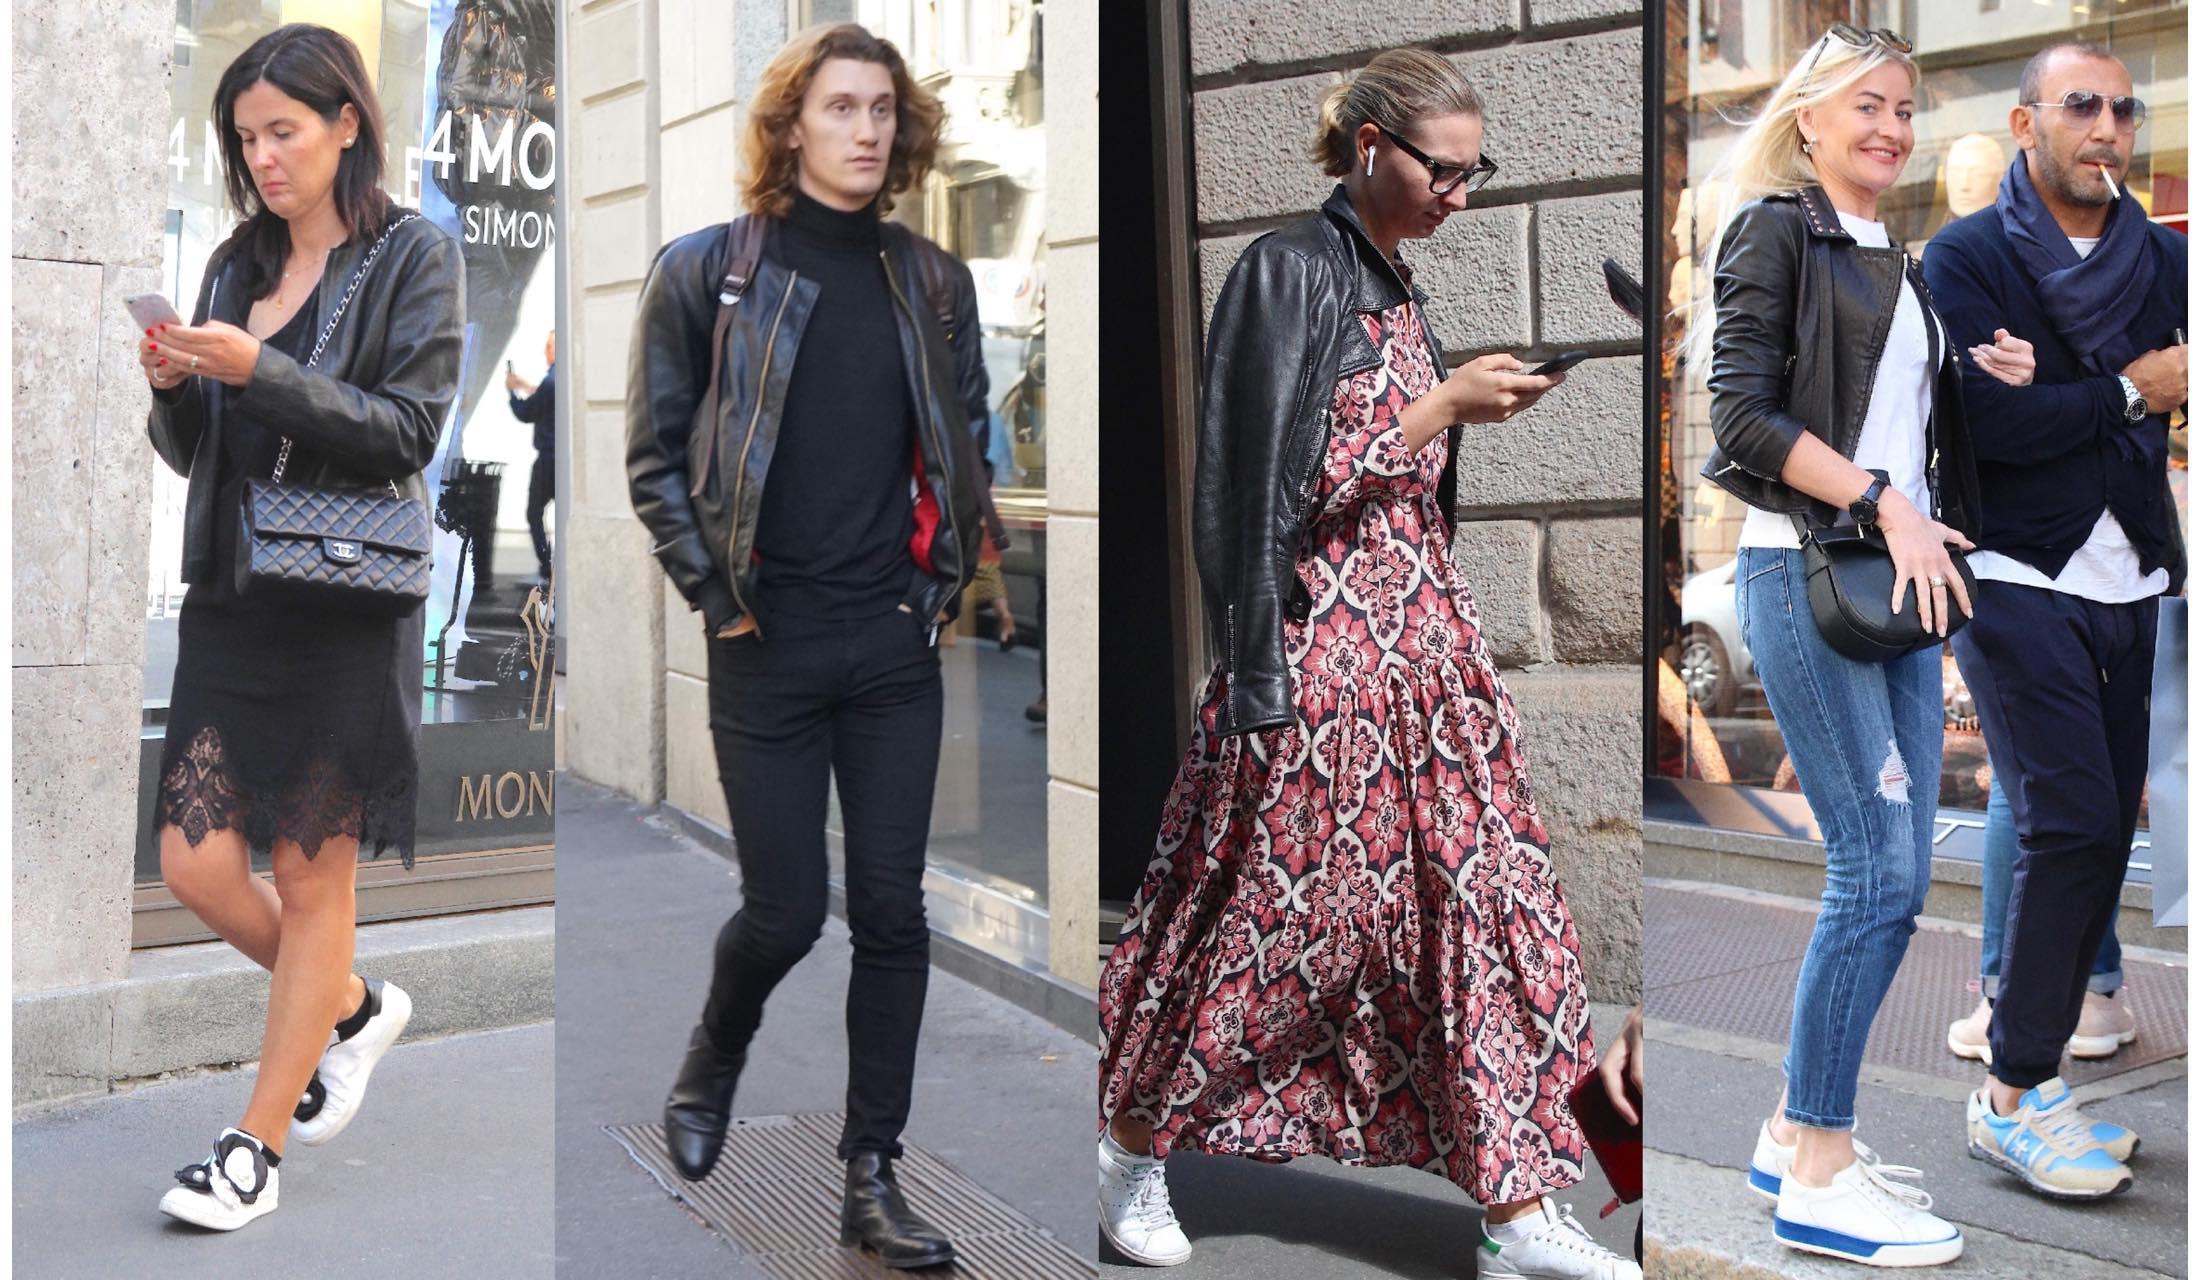 ブラックレザージャケットを着こなすミラノマダムのストリートスナップ写真